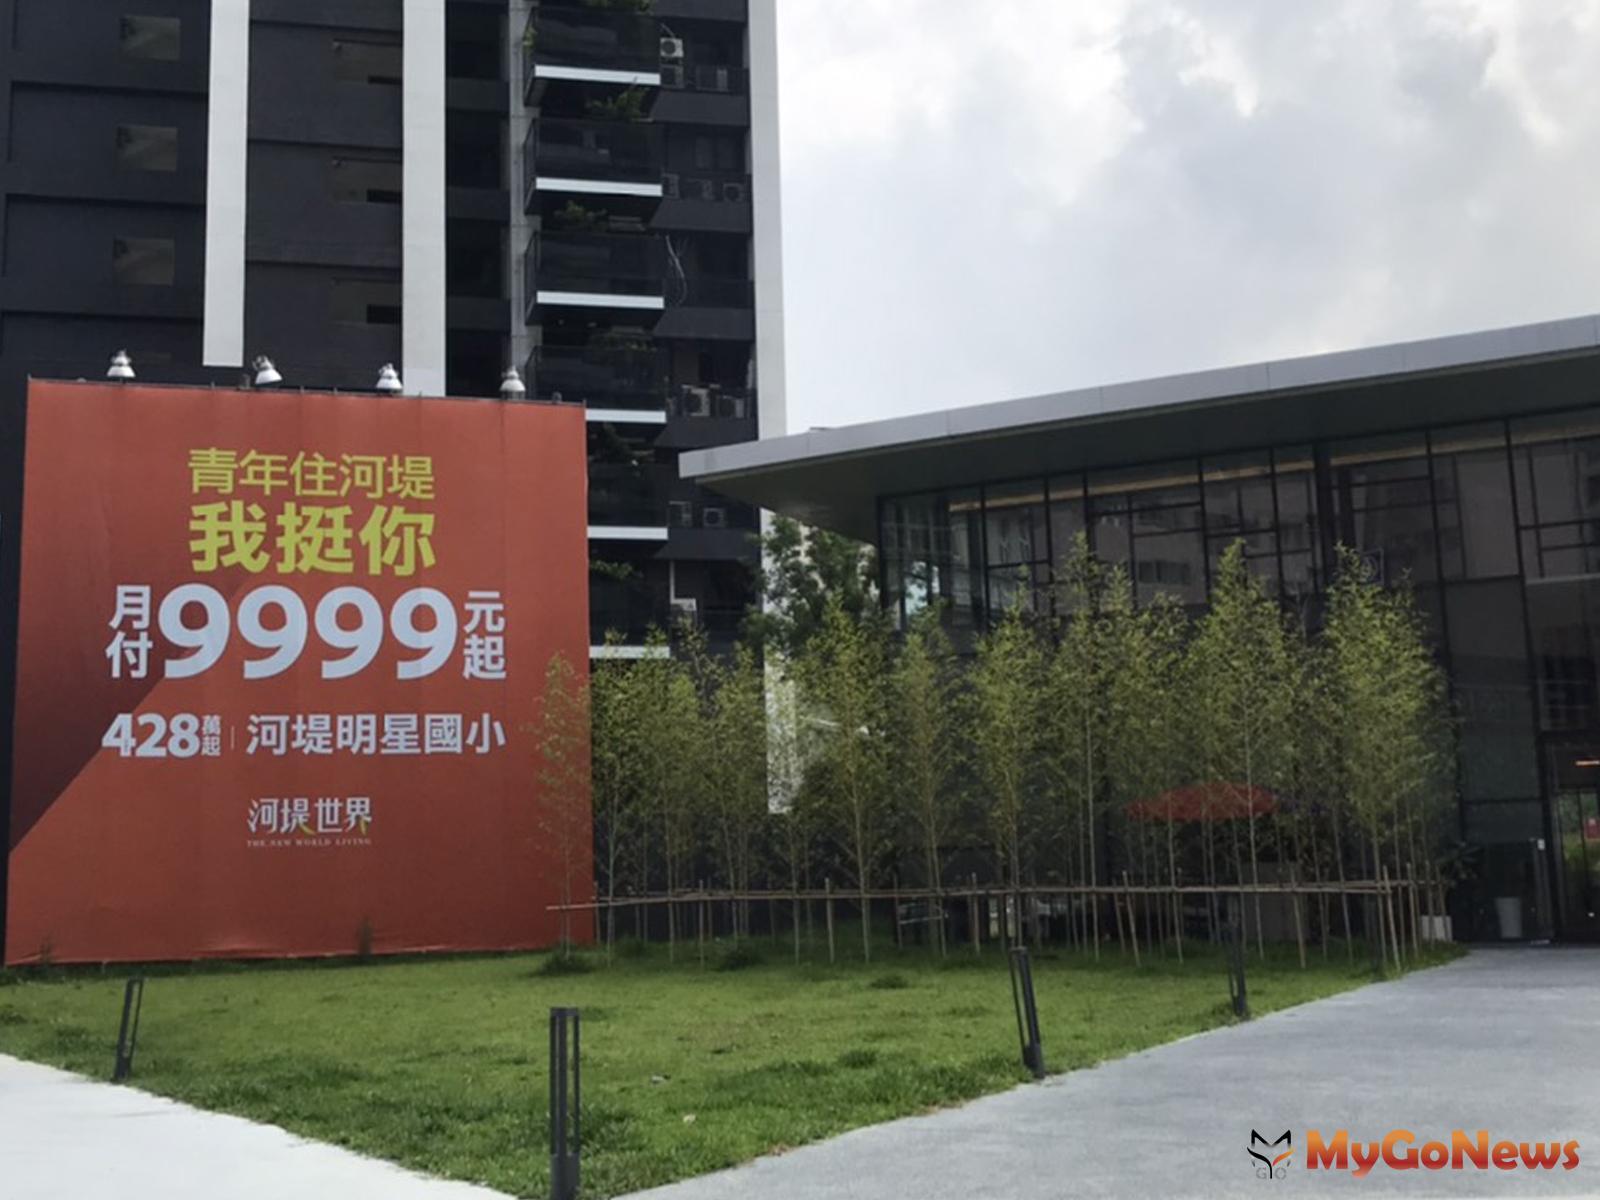 高雄「河堤世界」推出月付9999元「客制化輕鬆付款」專案,讓買家在市中心以「1字頭行情,住進3字頭地段」輕鬆置產。 MyGoNews房地產新聞 熱銷推案